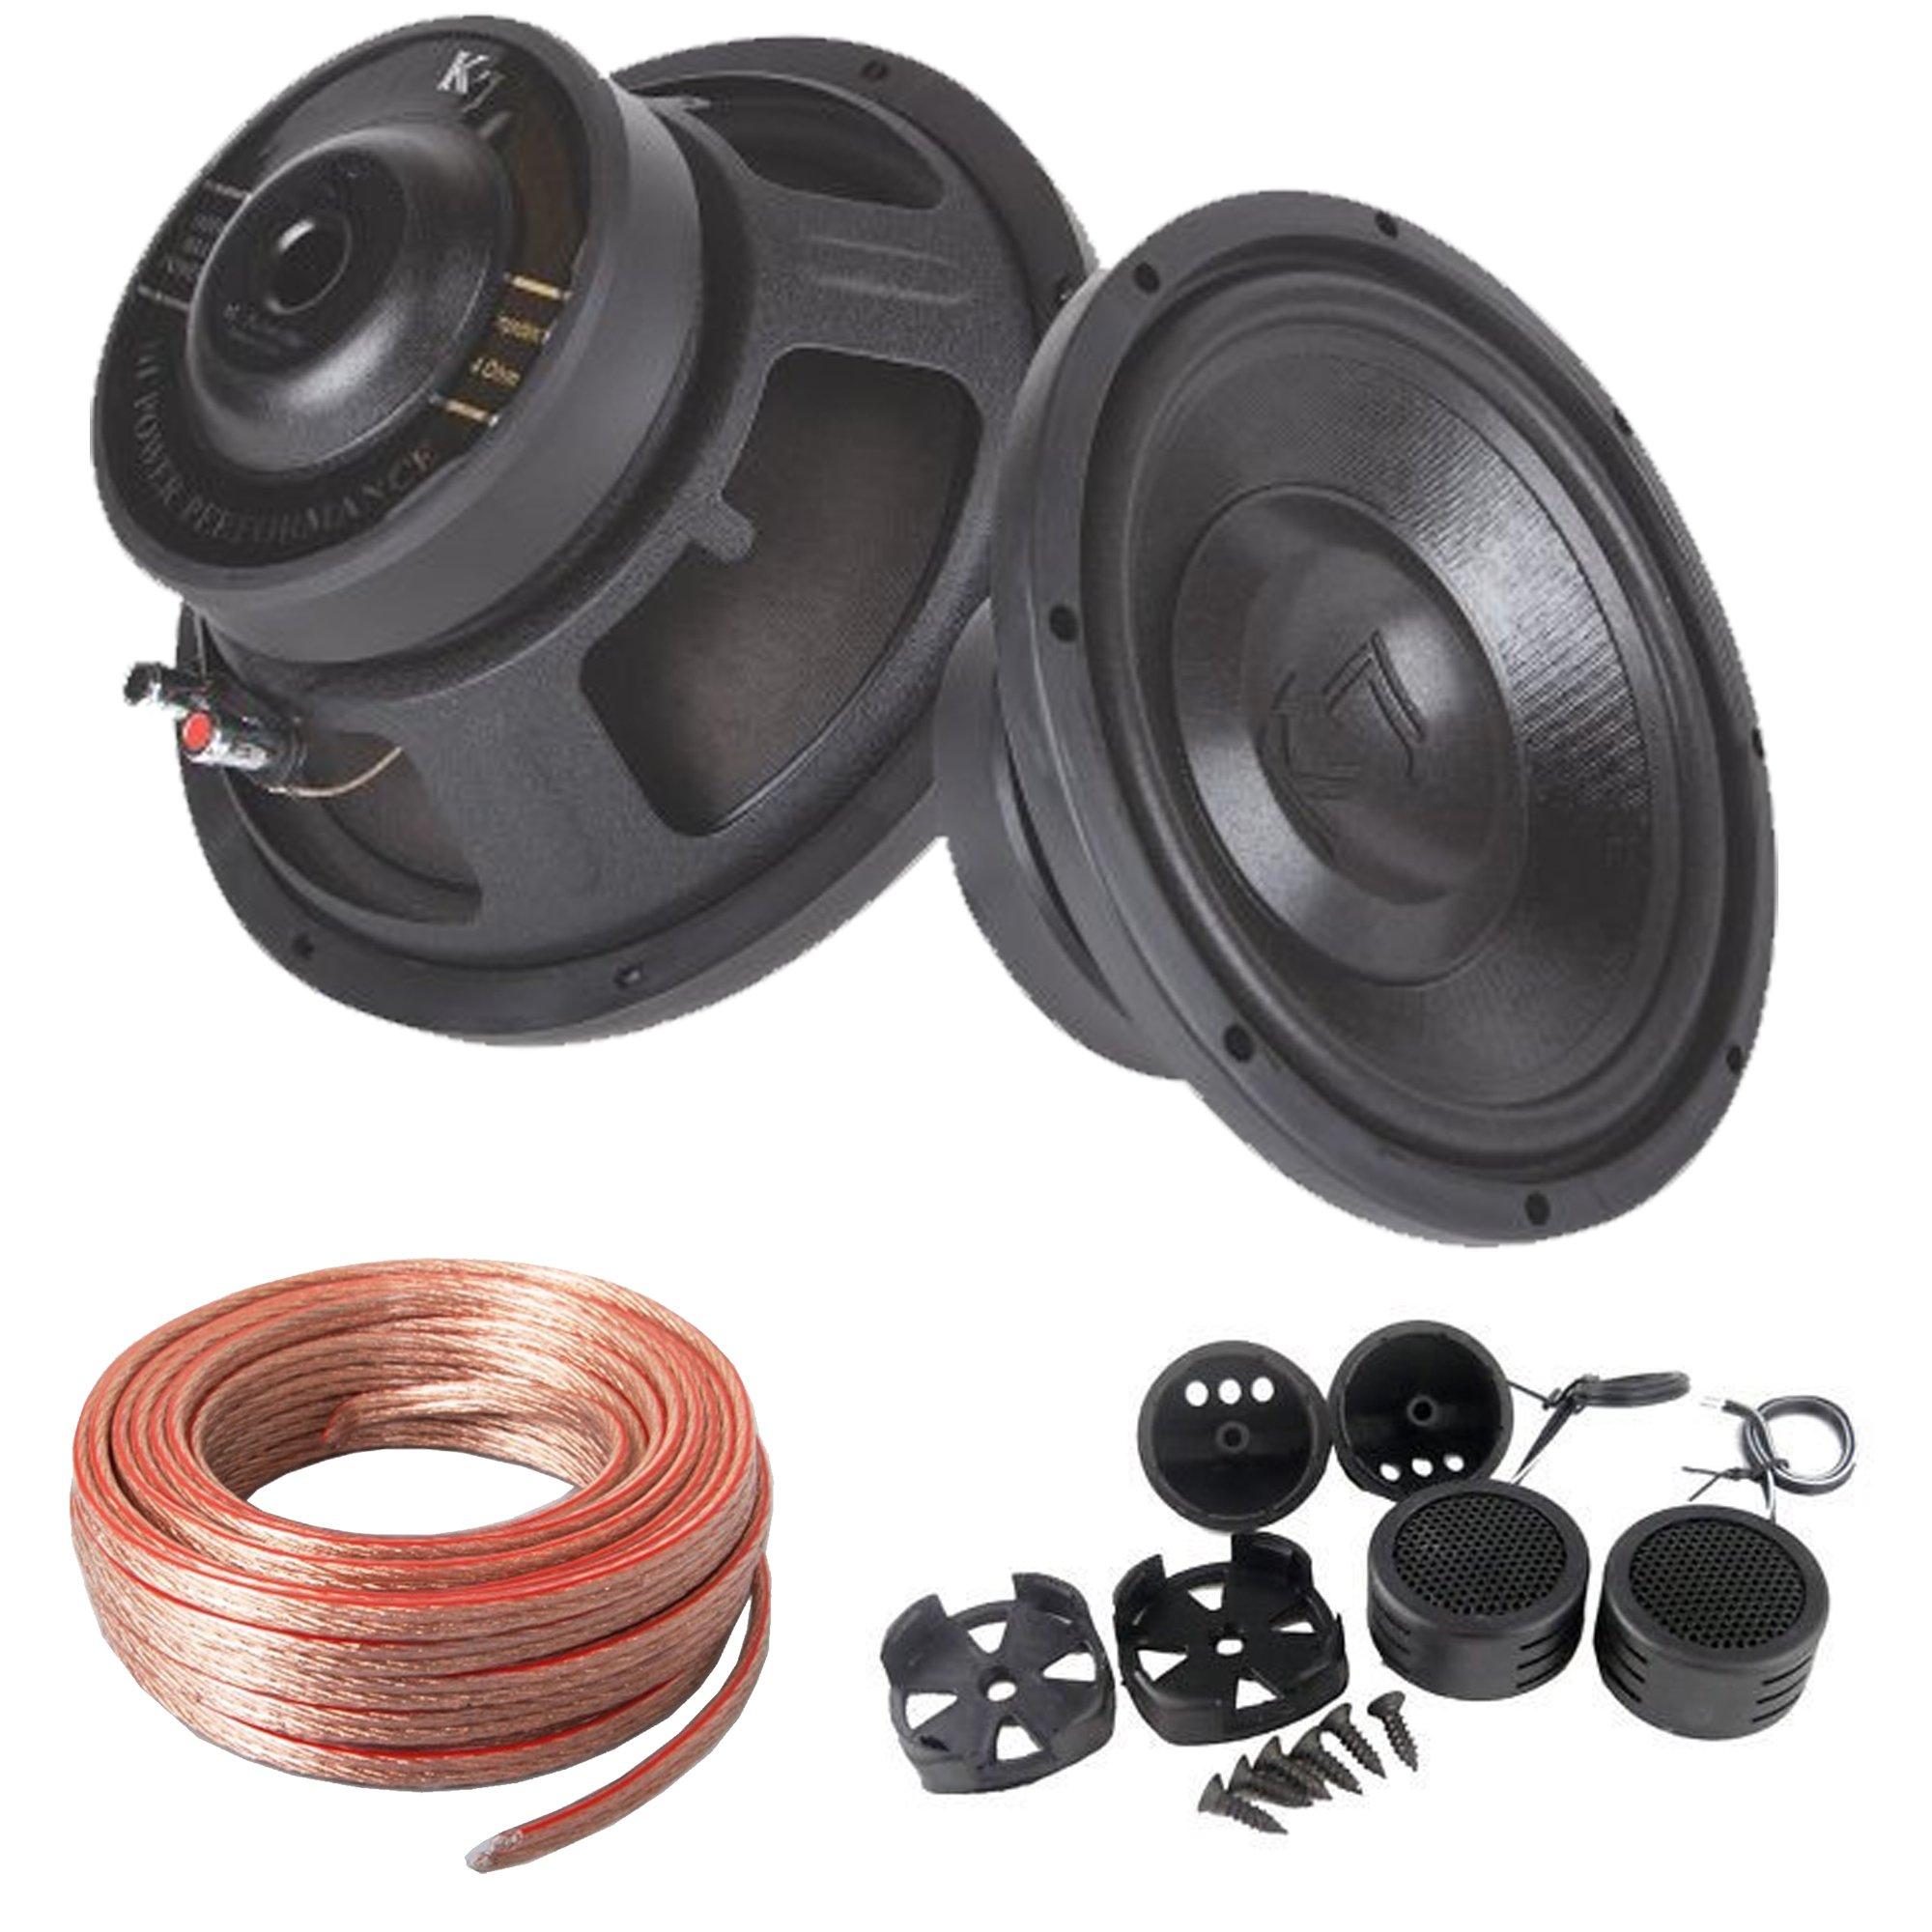 Audiotek Package Deal : Pair of K710 1000 Watt 10'' Professional Car Subwoofer 4 OHM + AB-204TW 300W Tweeter + 25 Feet 12 Gauge Cables